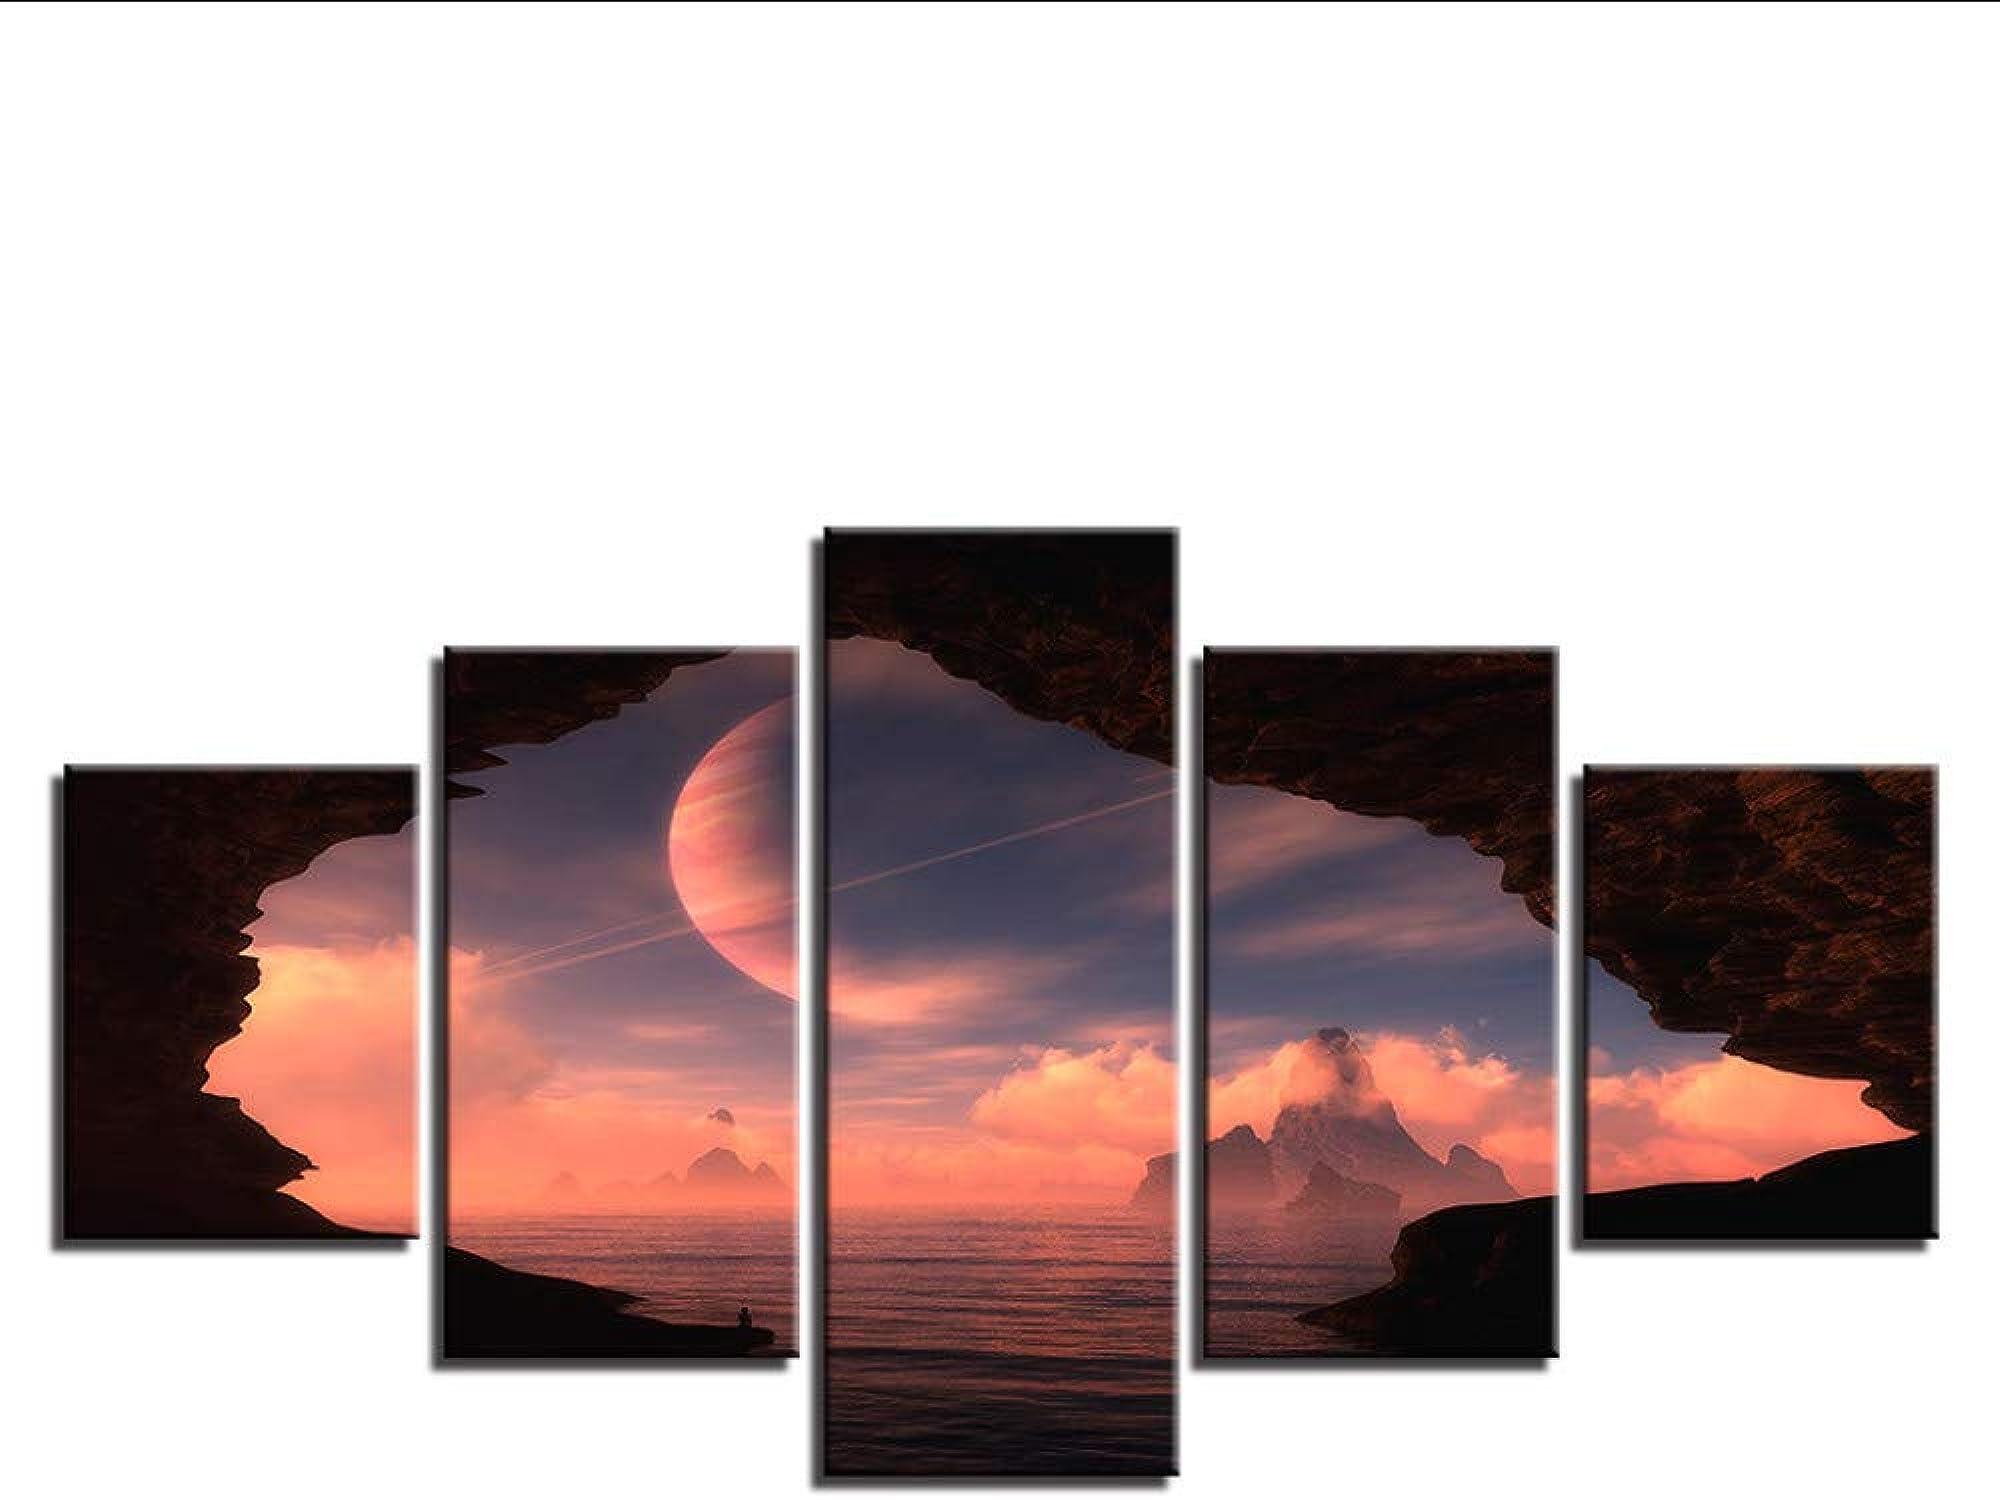 bienvenido a elegir Guyuell Lienzo Impresión HD Pintura Decoración para el hogar hogar hogar Fotos 5 Unidades Planeta En El Cielo Fuera del Agujero Entrada de la Cueva Cartel Modular Arte de la Parojo-20CMx35 45 55CM,with Frame  solo para ti